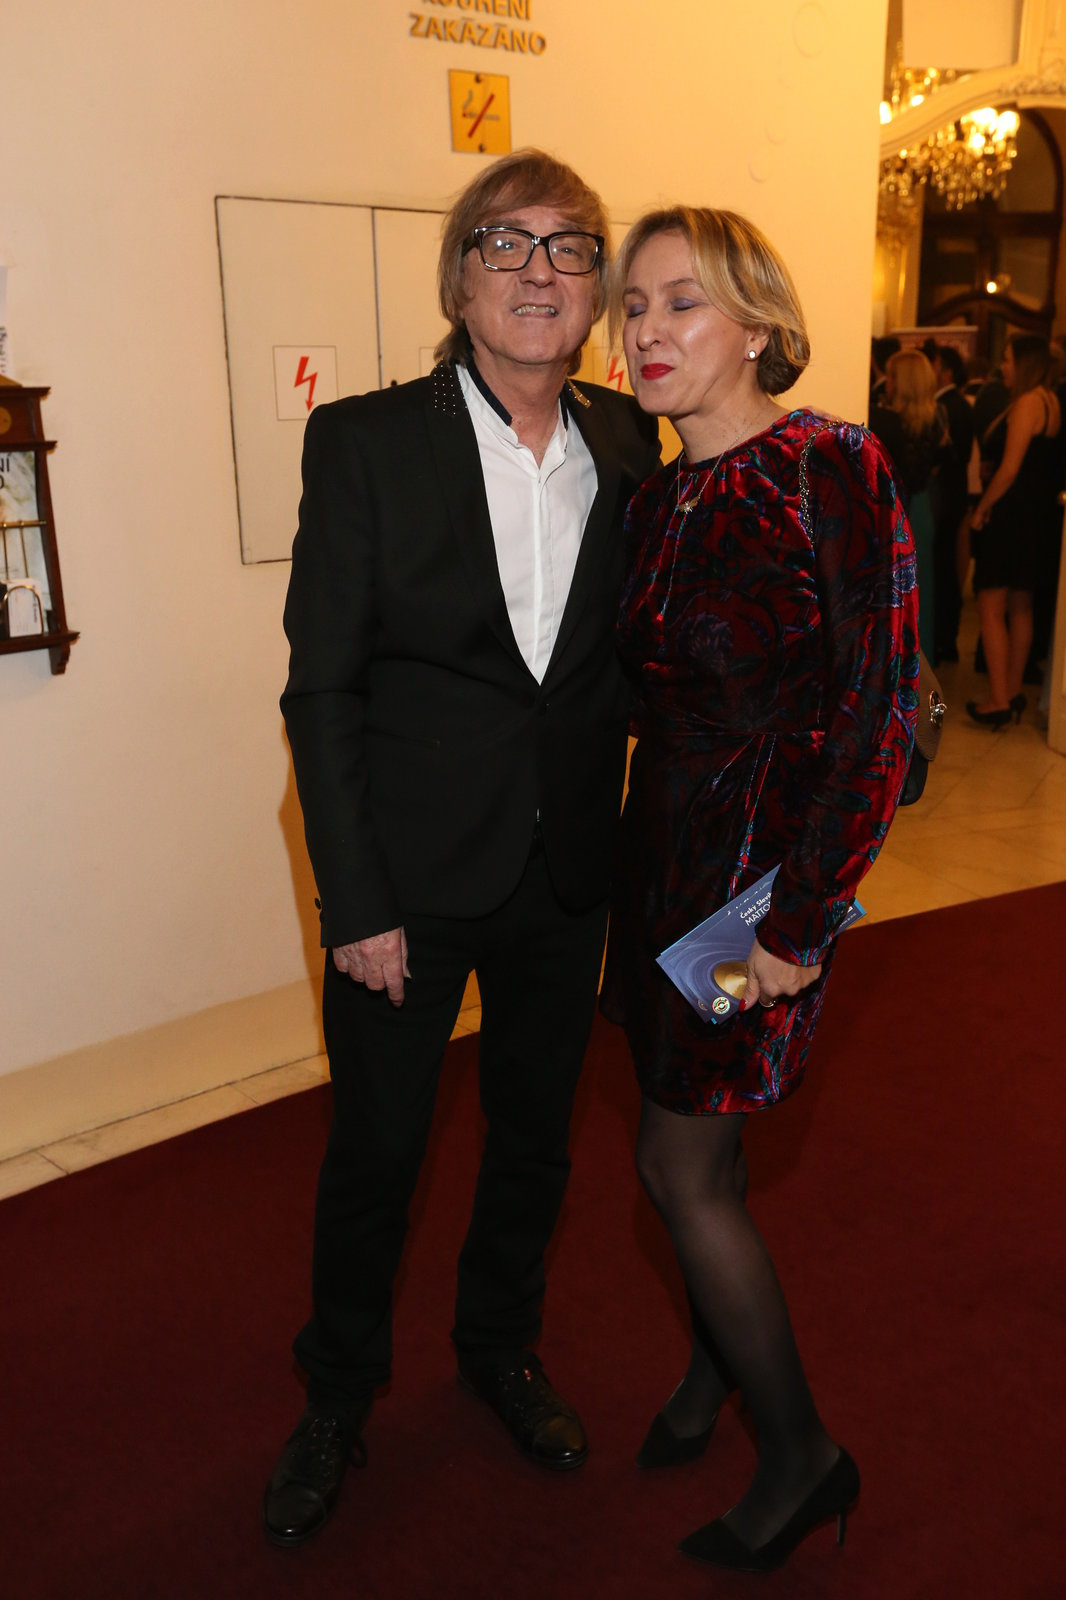 Miro Žbirka s manželkou Kateřinou, která je také jeho manažerkou.